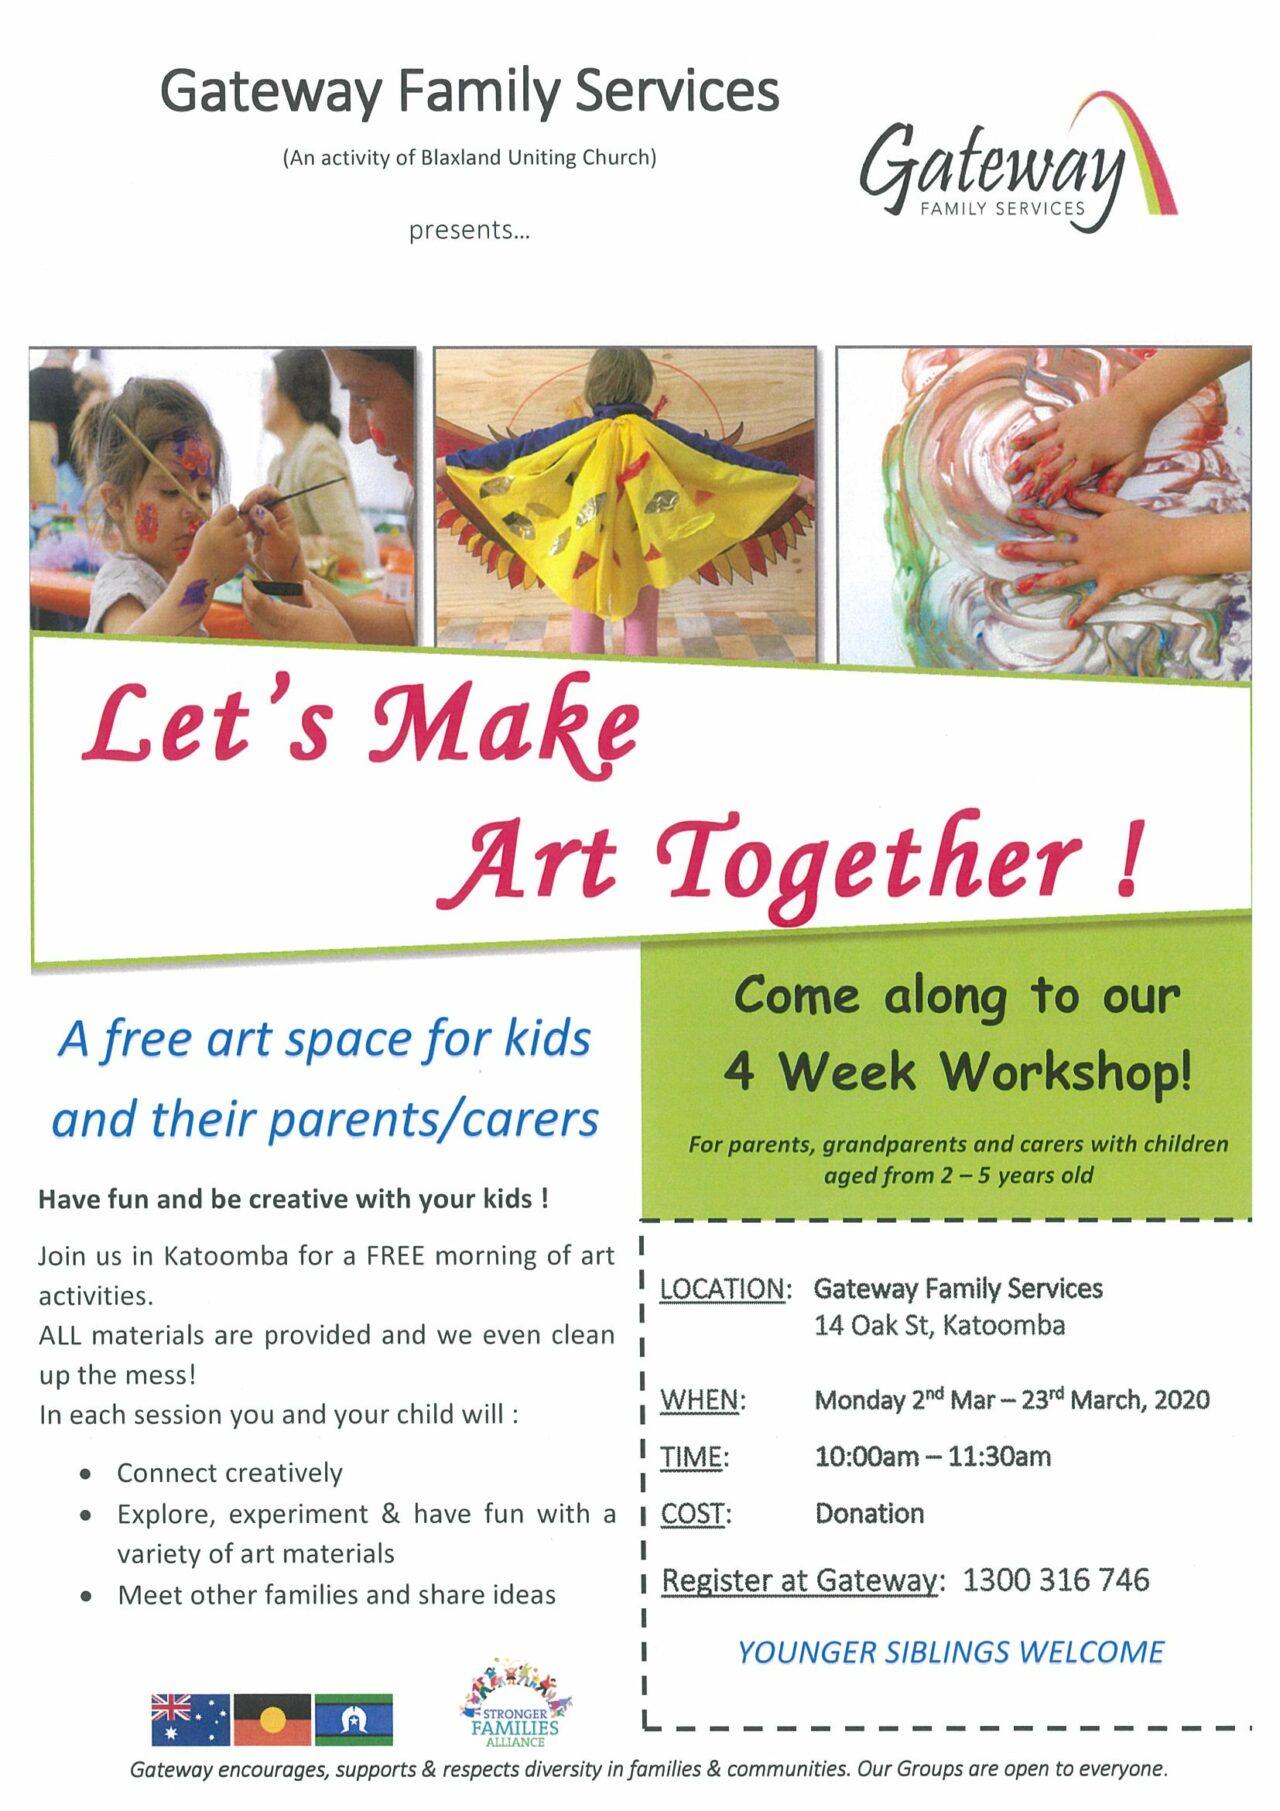 T12020-Flyer-Lets-Make-Art-Together-1280x1811.jpg